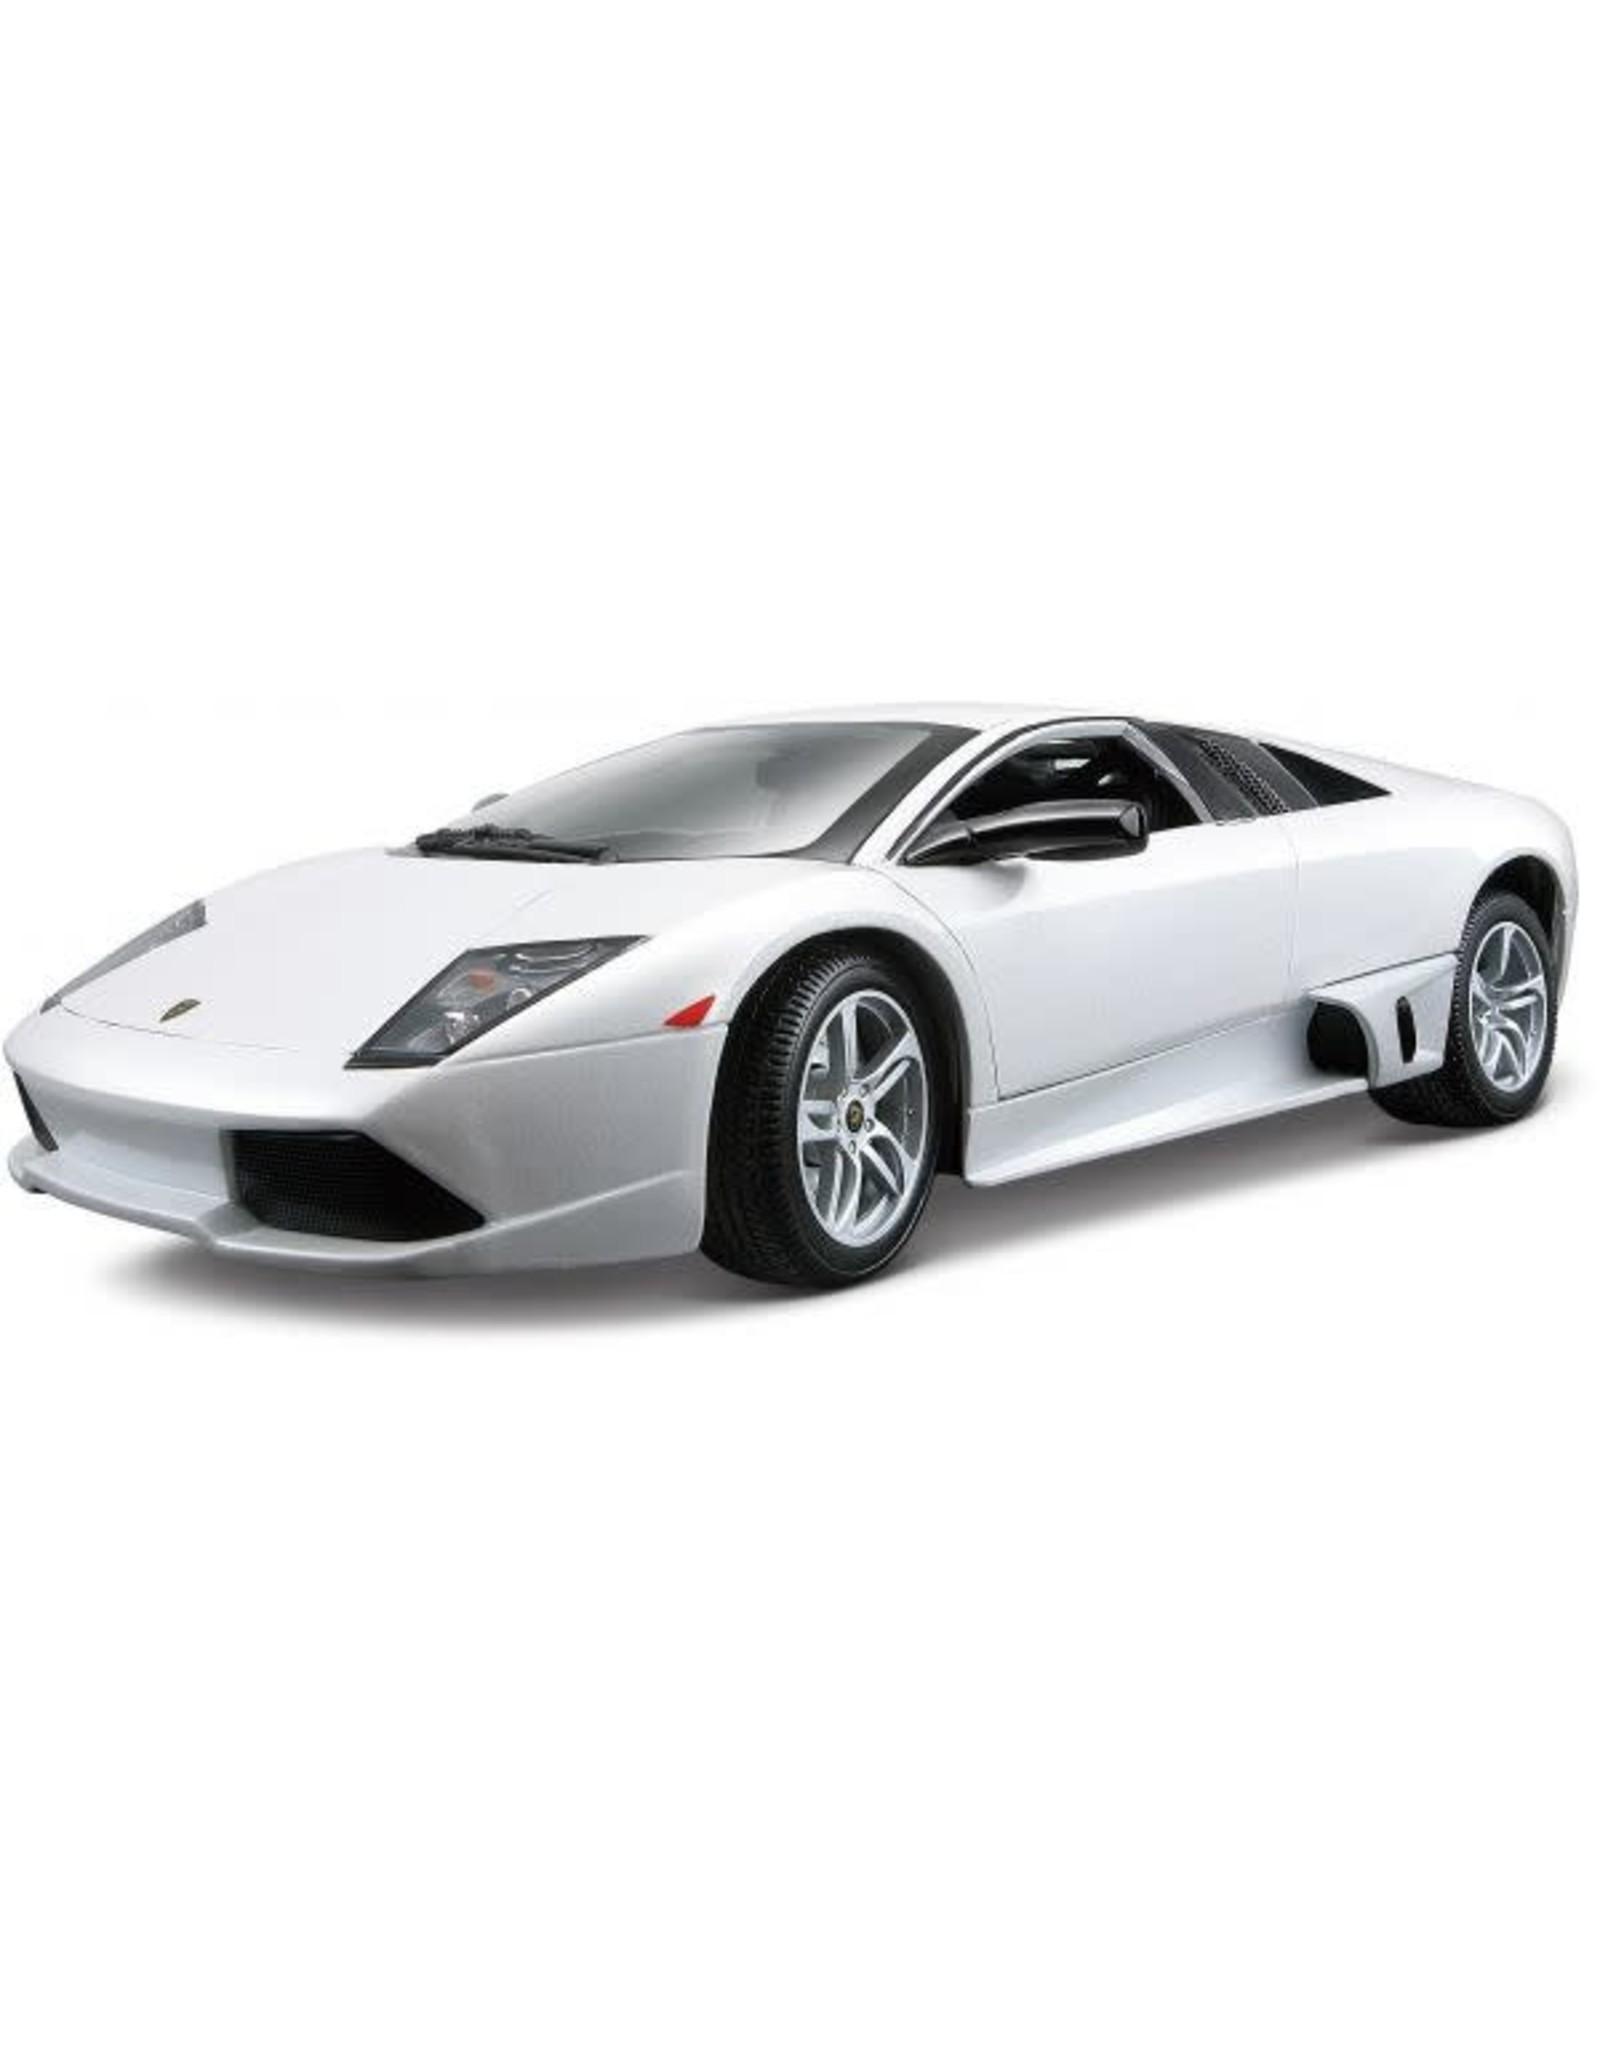 Maisto Lamborghini Murciélago LP640